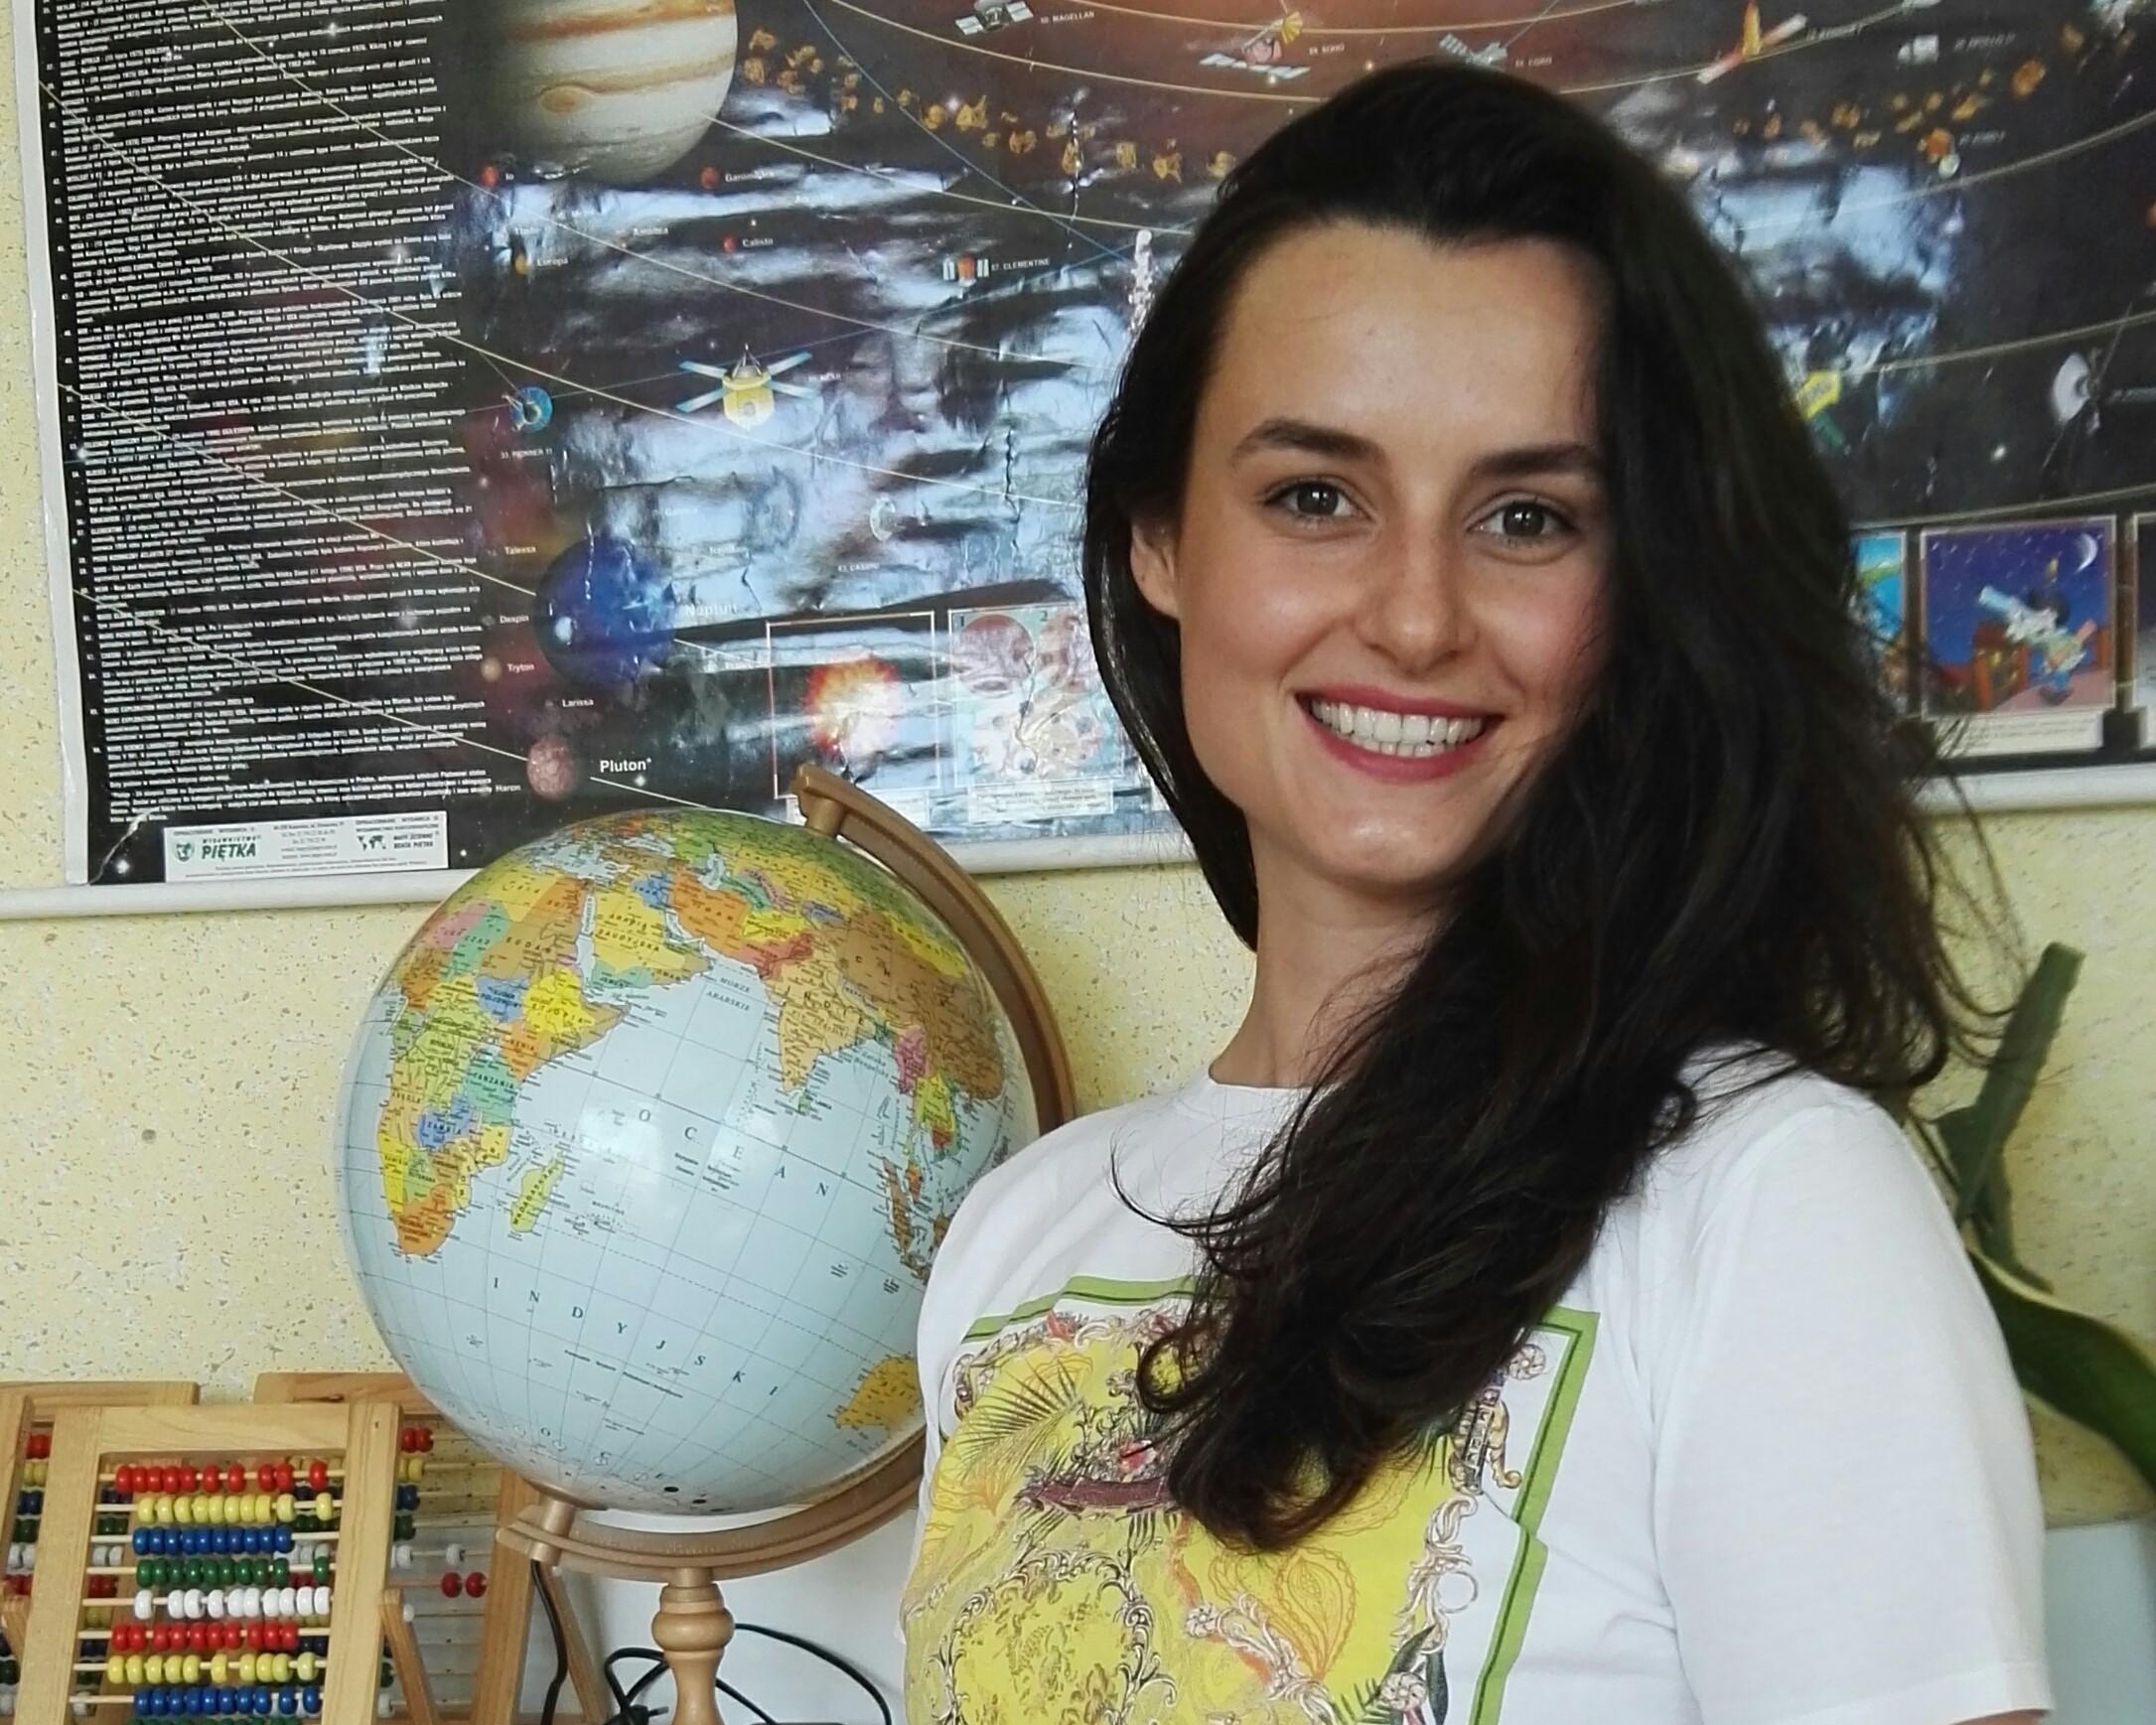 Justyna Zastawnik